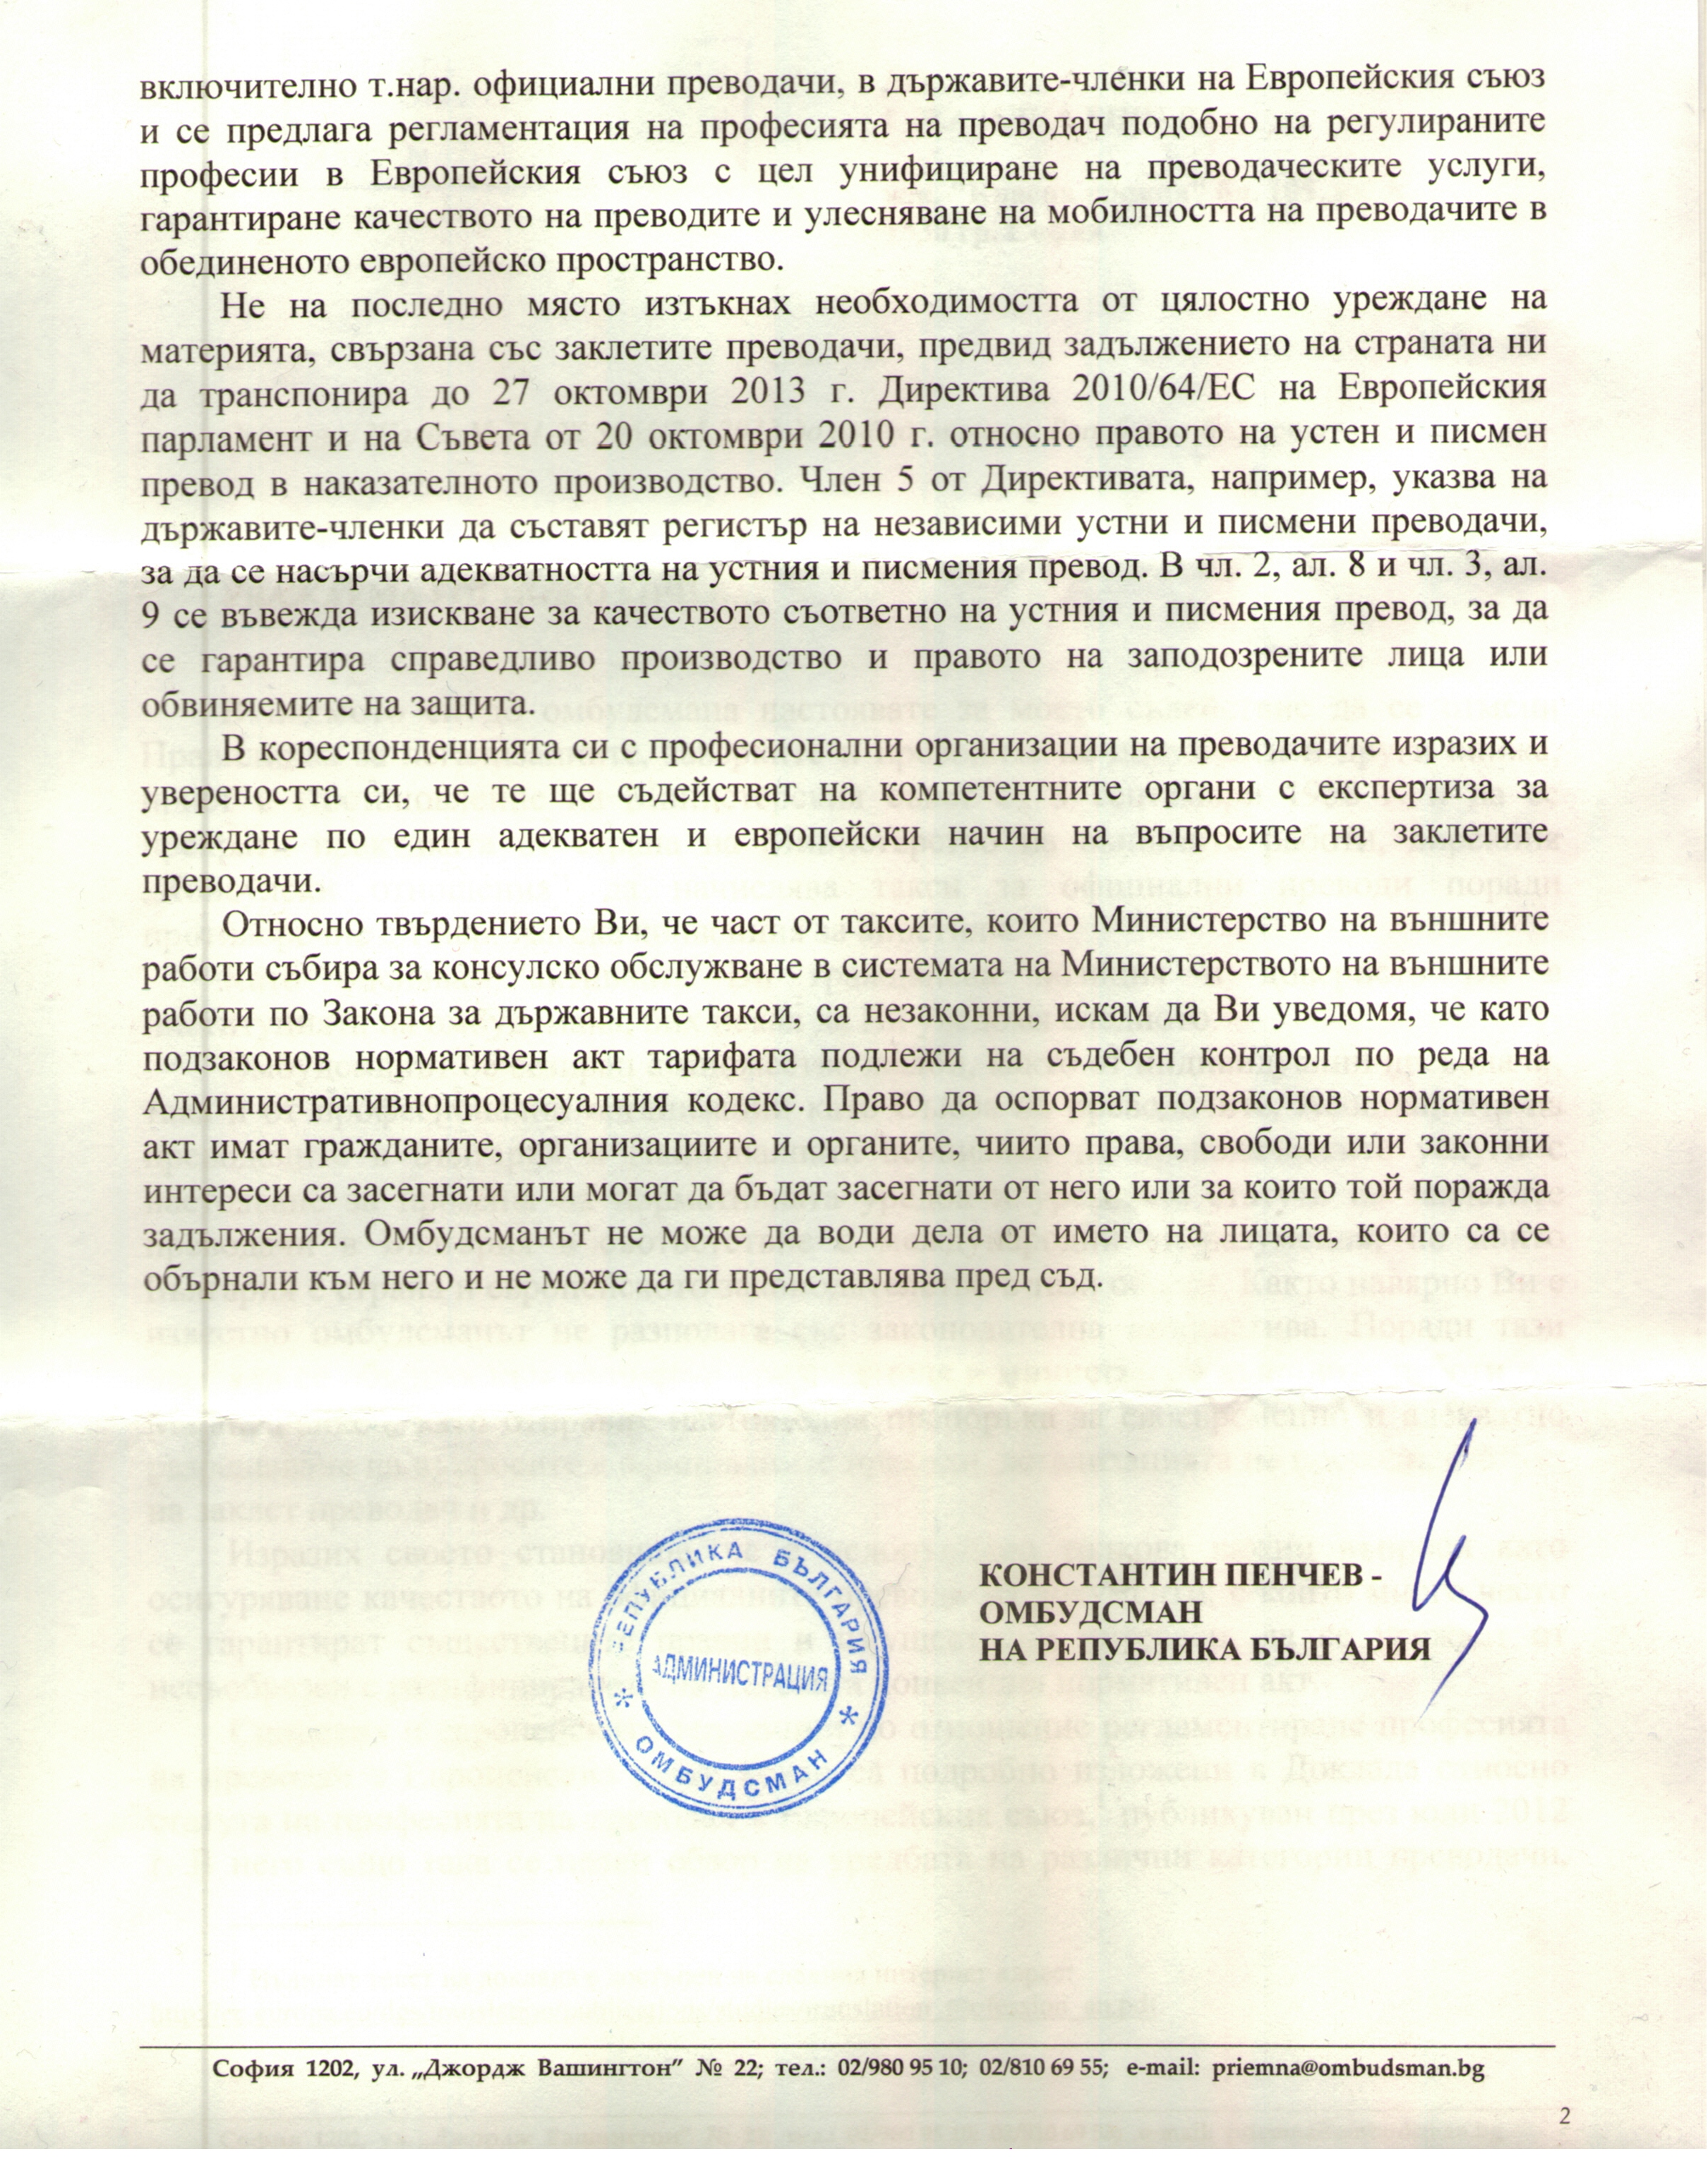 Действията на Омбудсмана по отношение на Правилника и статута на преводачите